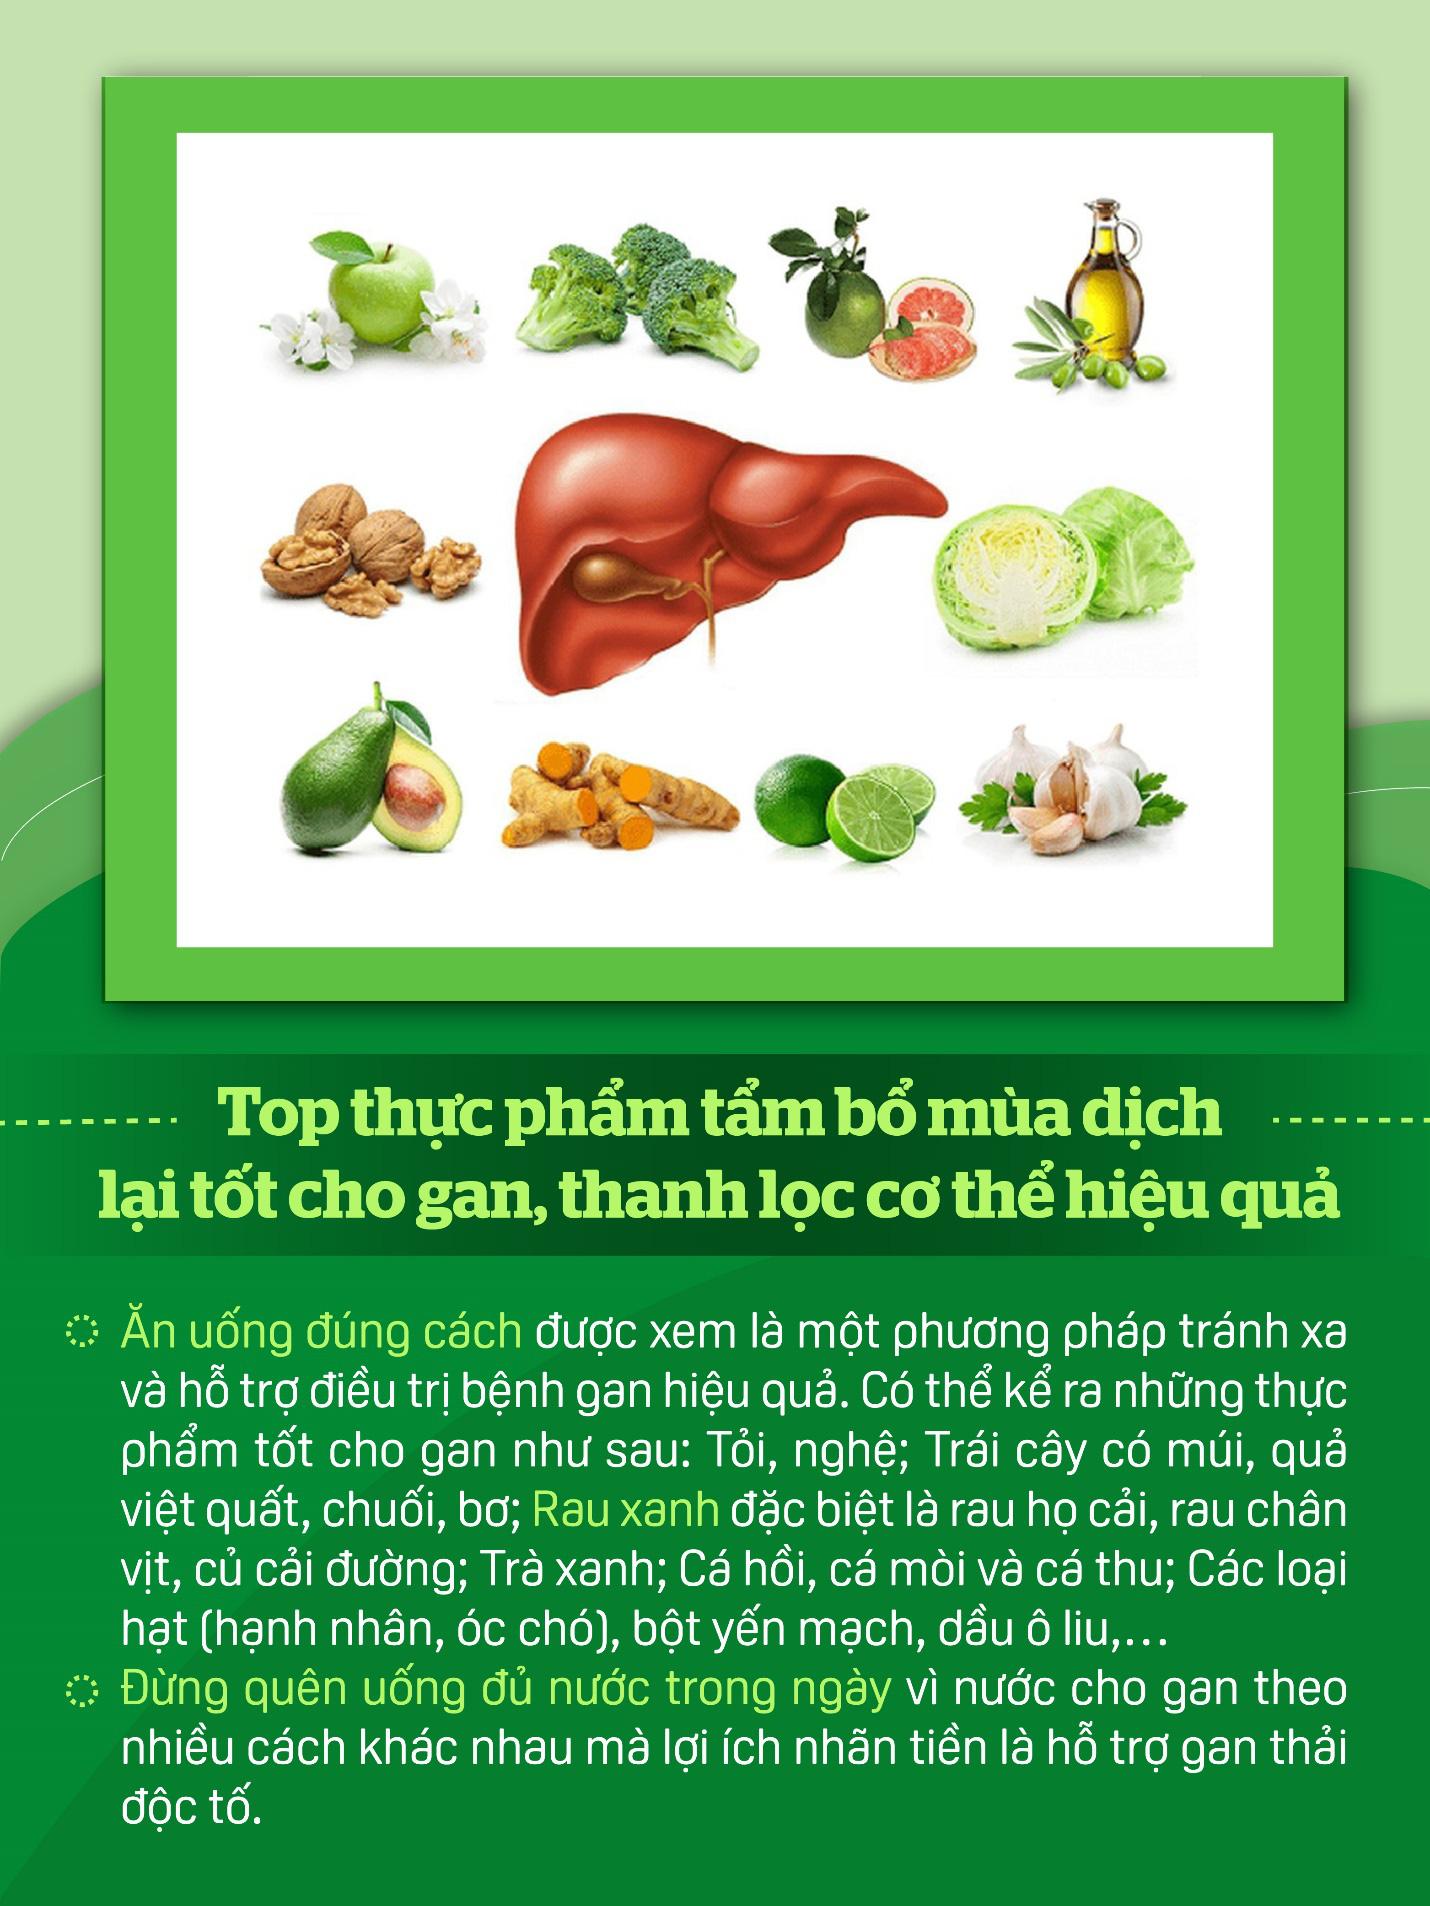 Nấu ăn mùa nắng nóng nhớ hạn chế những thực phẩm này để bảo vệ gan - Ảnh 8.